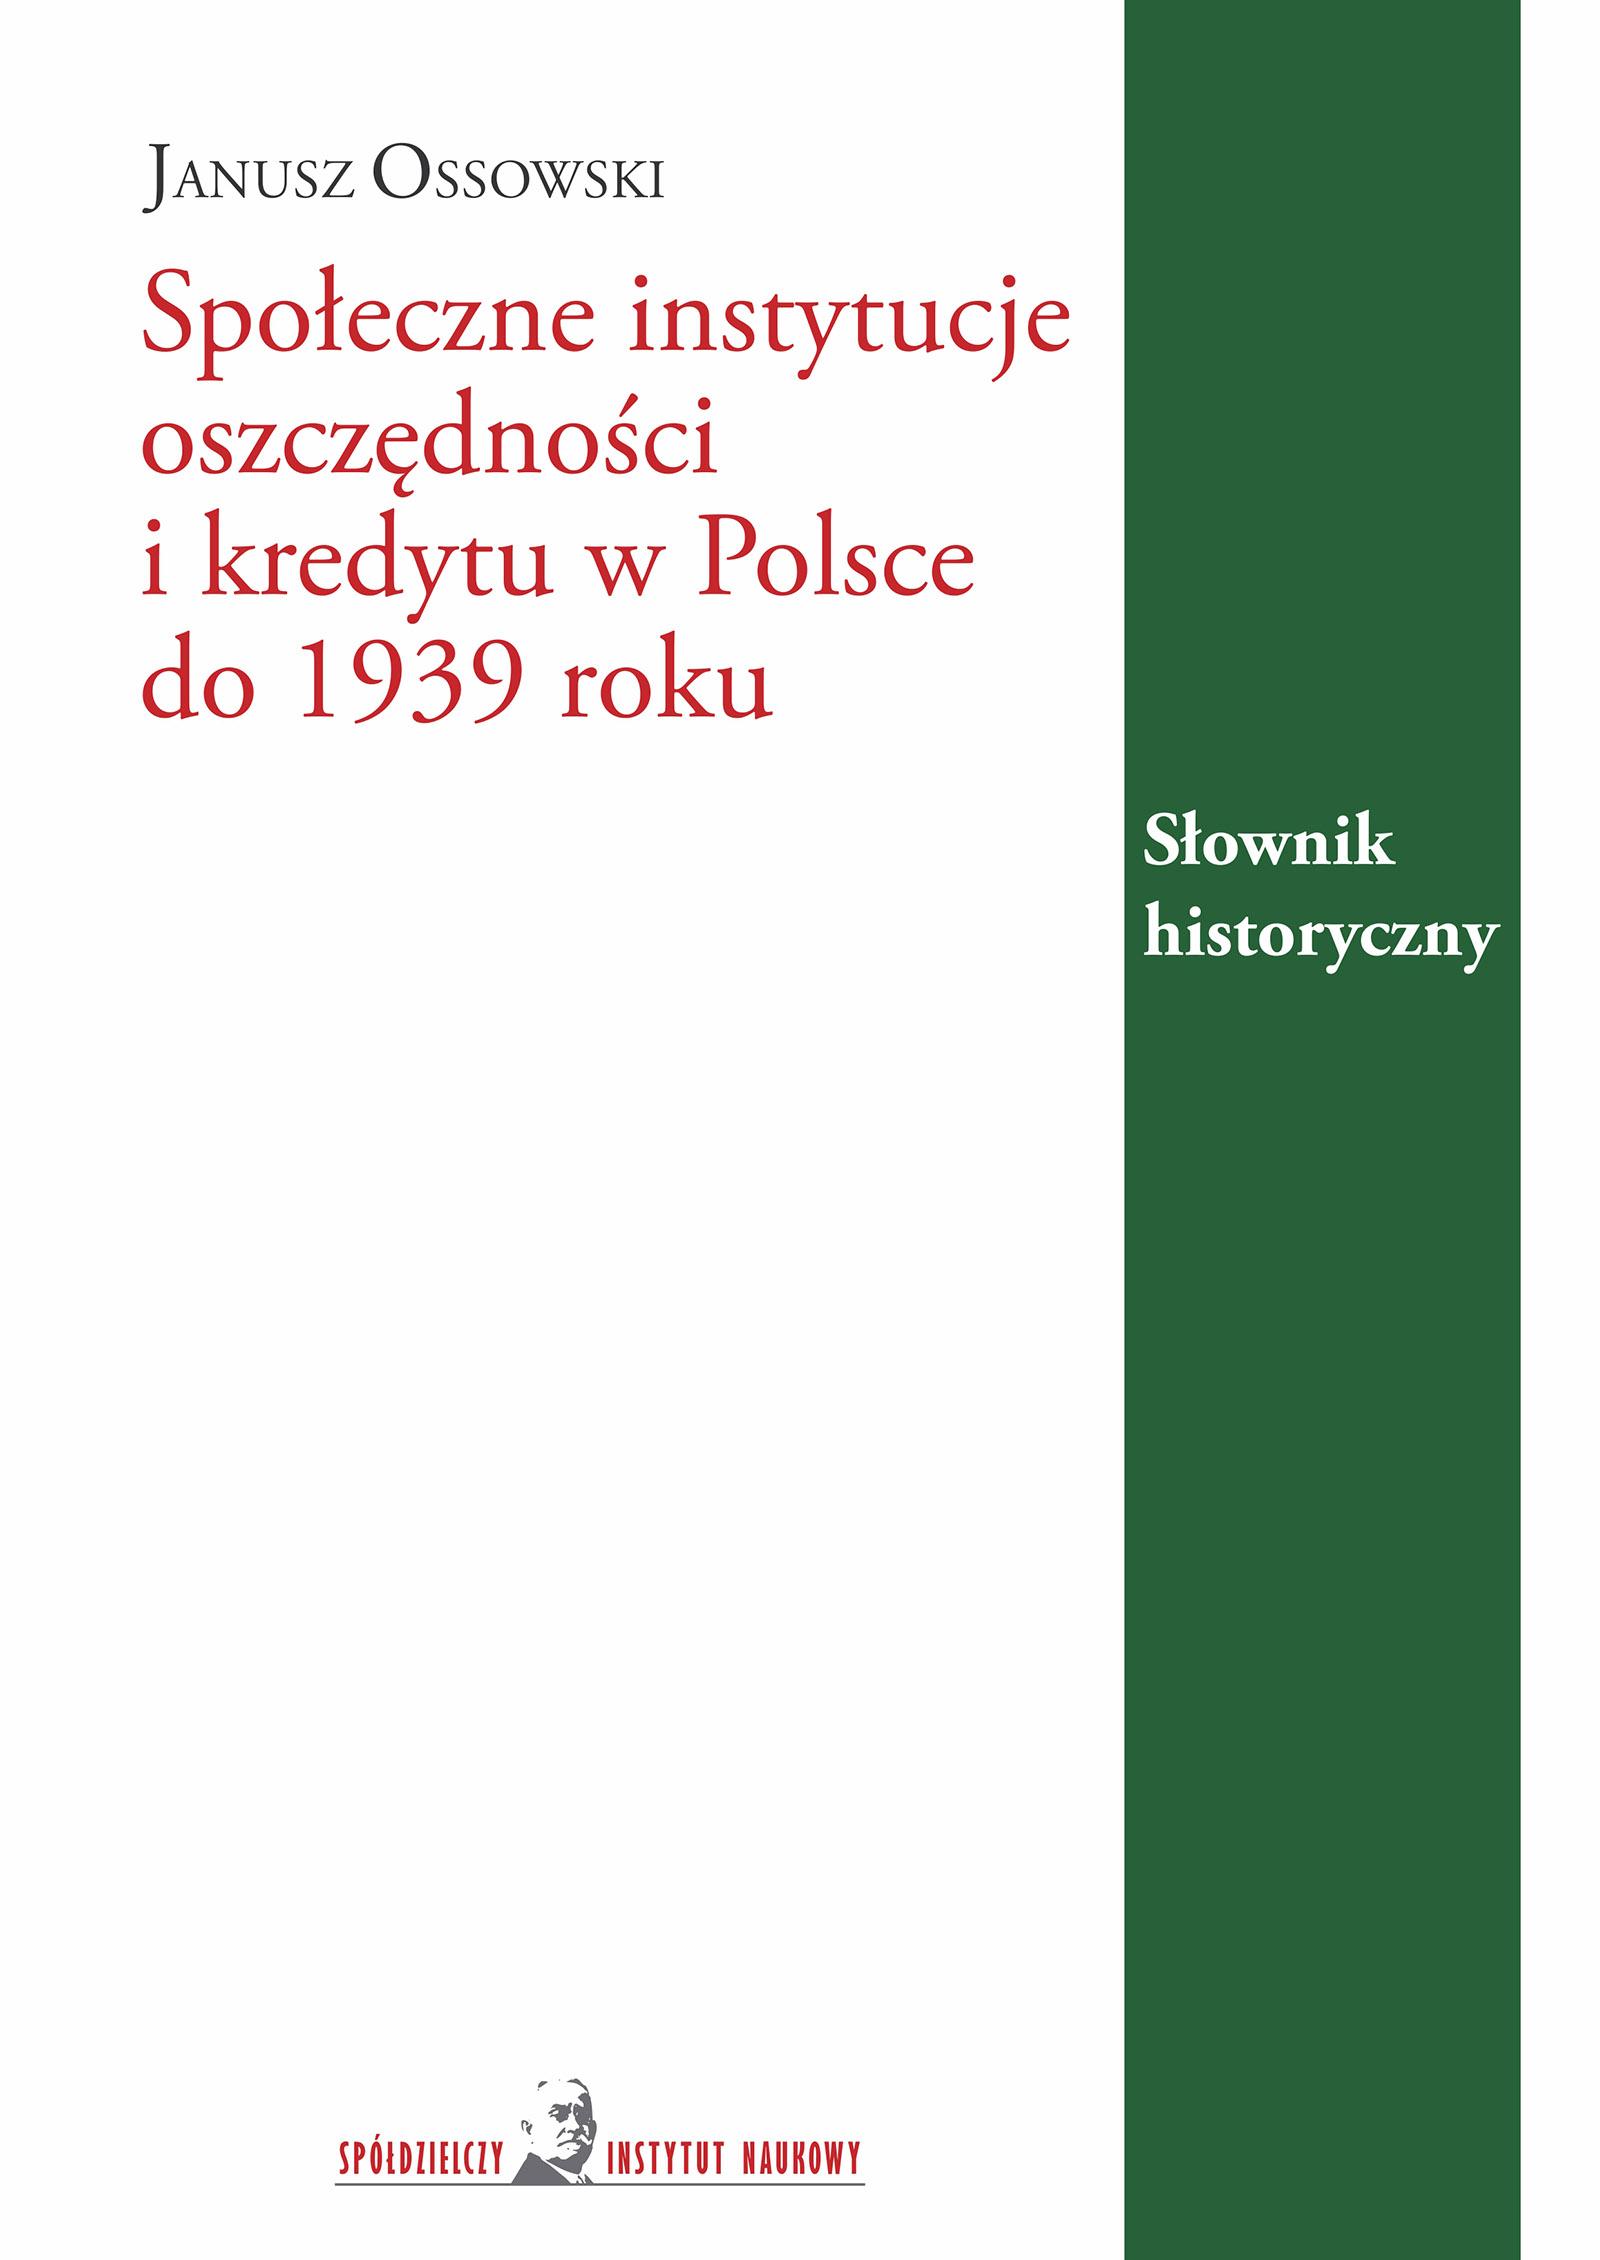 Janusz Ossowski, Społeczne instytucje oszczędności i kredytu w Polsce do 1939 roku. Słownik historyczny